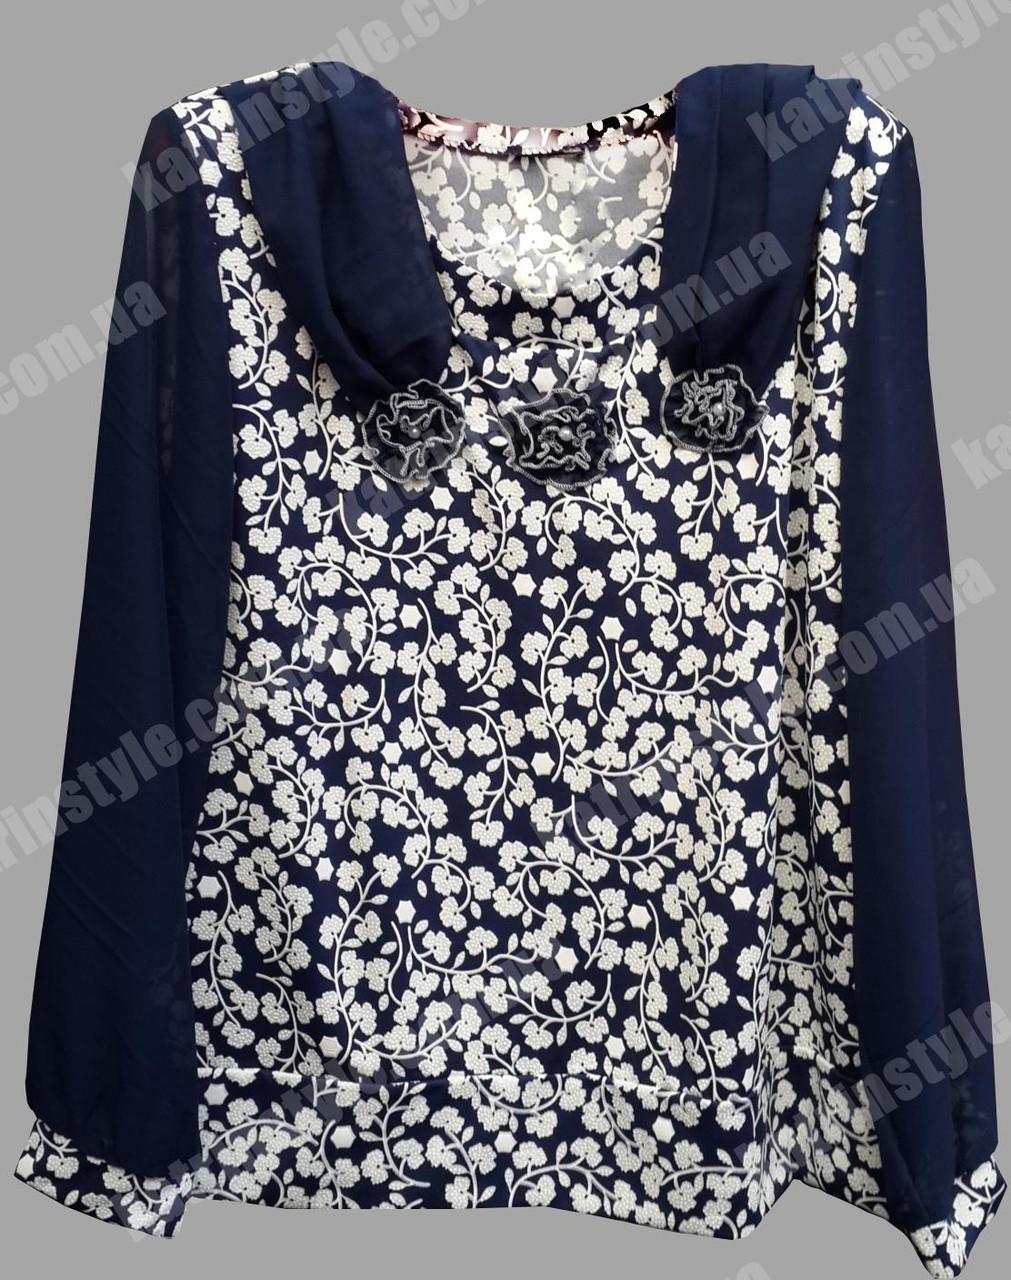 Блузки 52 размера купить доставка